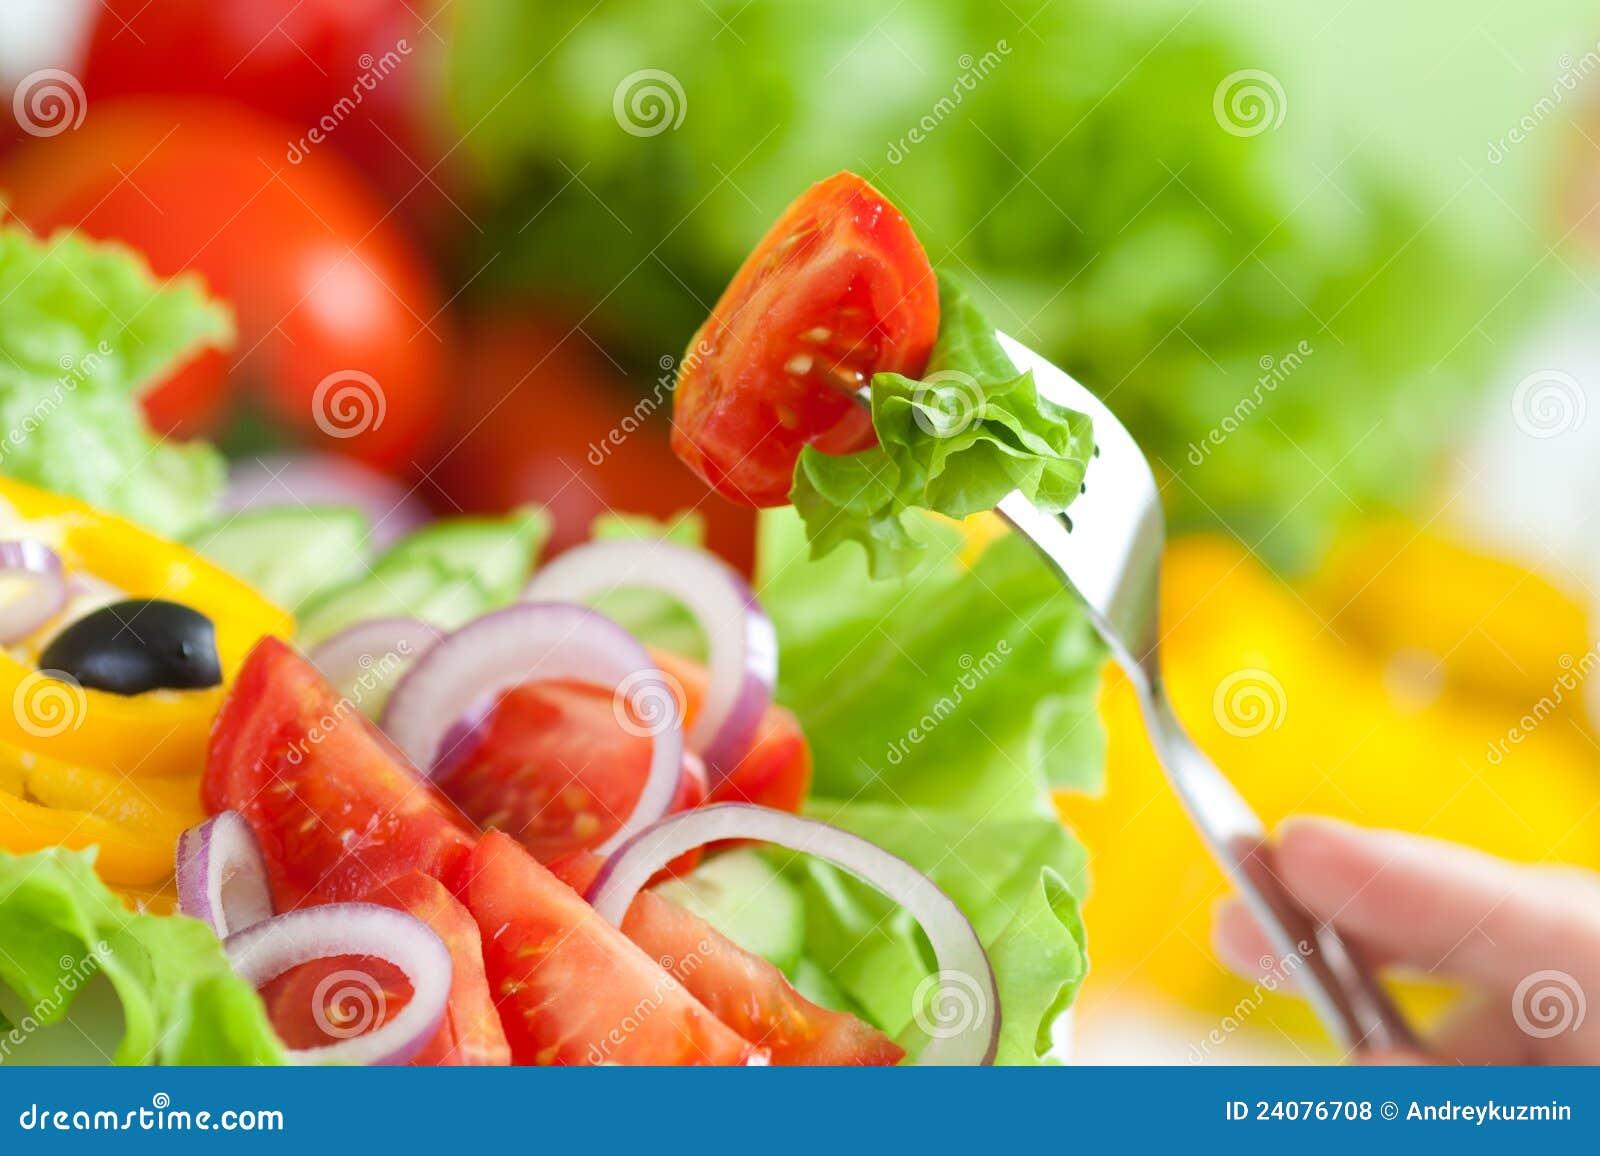 Ensalada sana y fork de las verduras frescas del alimento